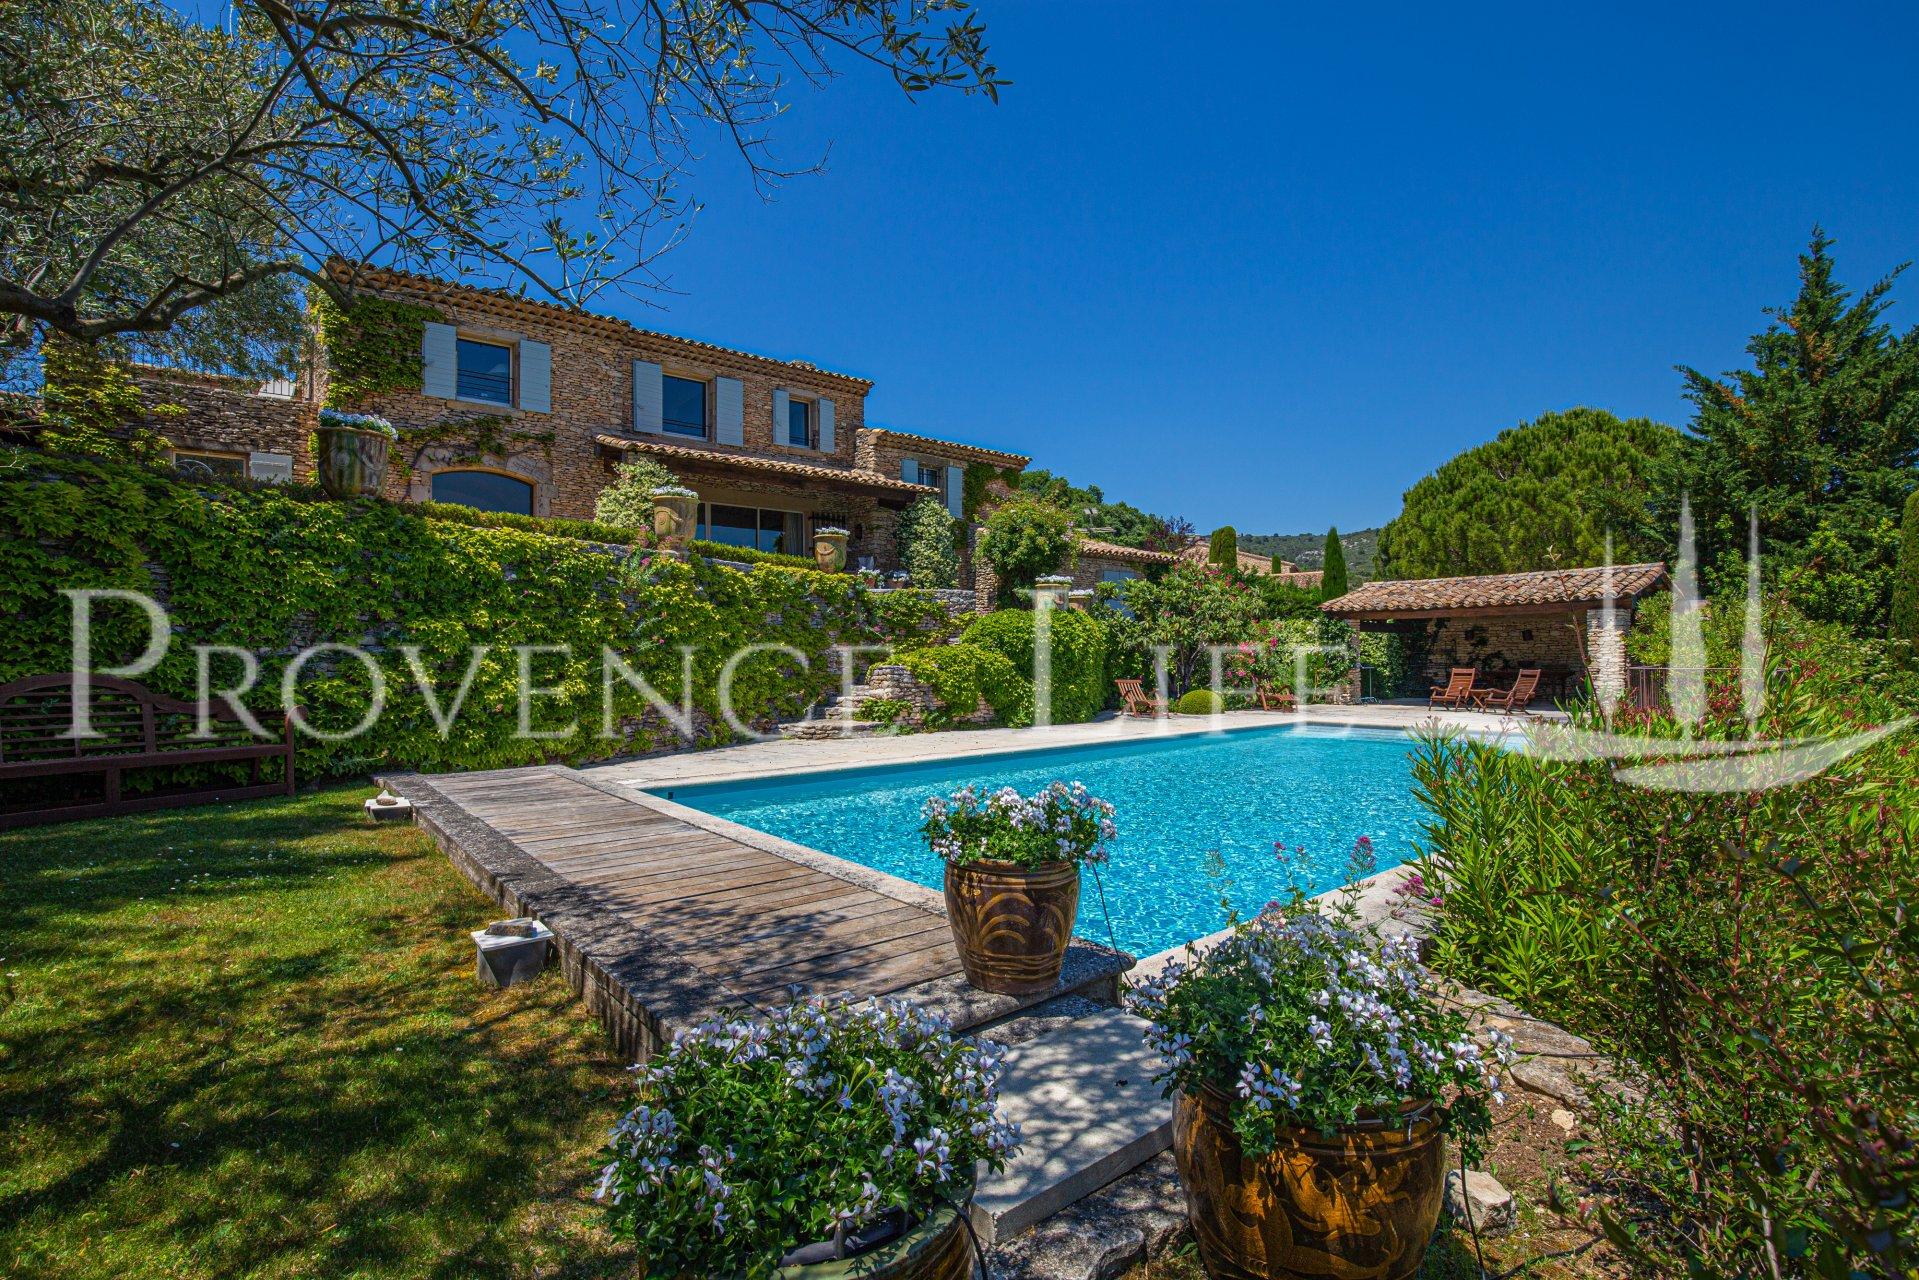 Villas for Sale - PL0060